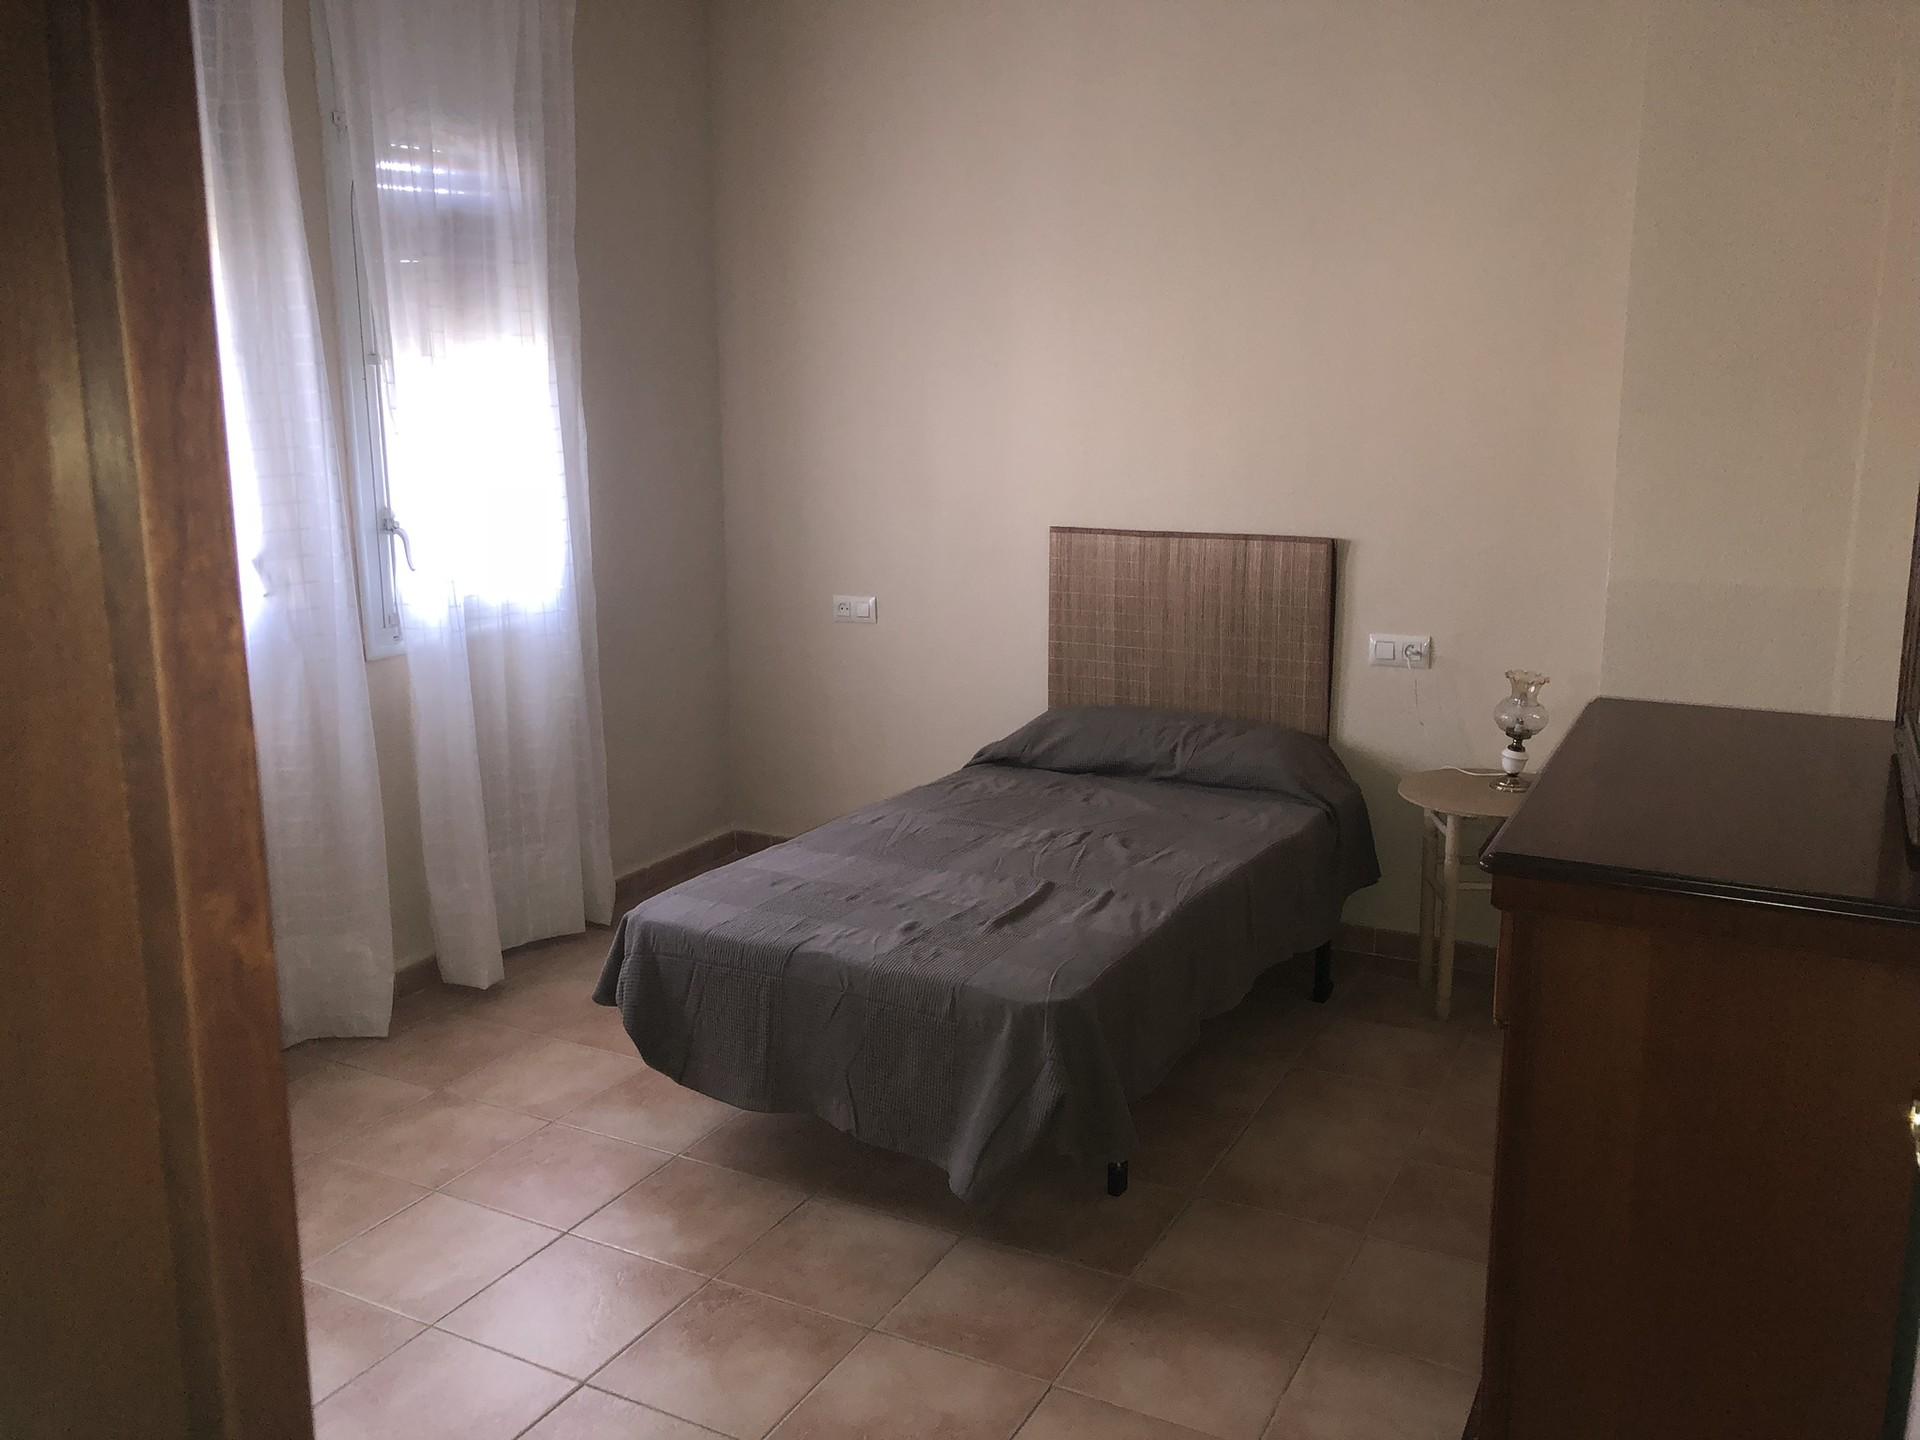 Habitación `principal con armario y comida, con tr